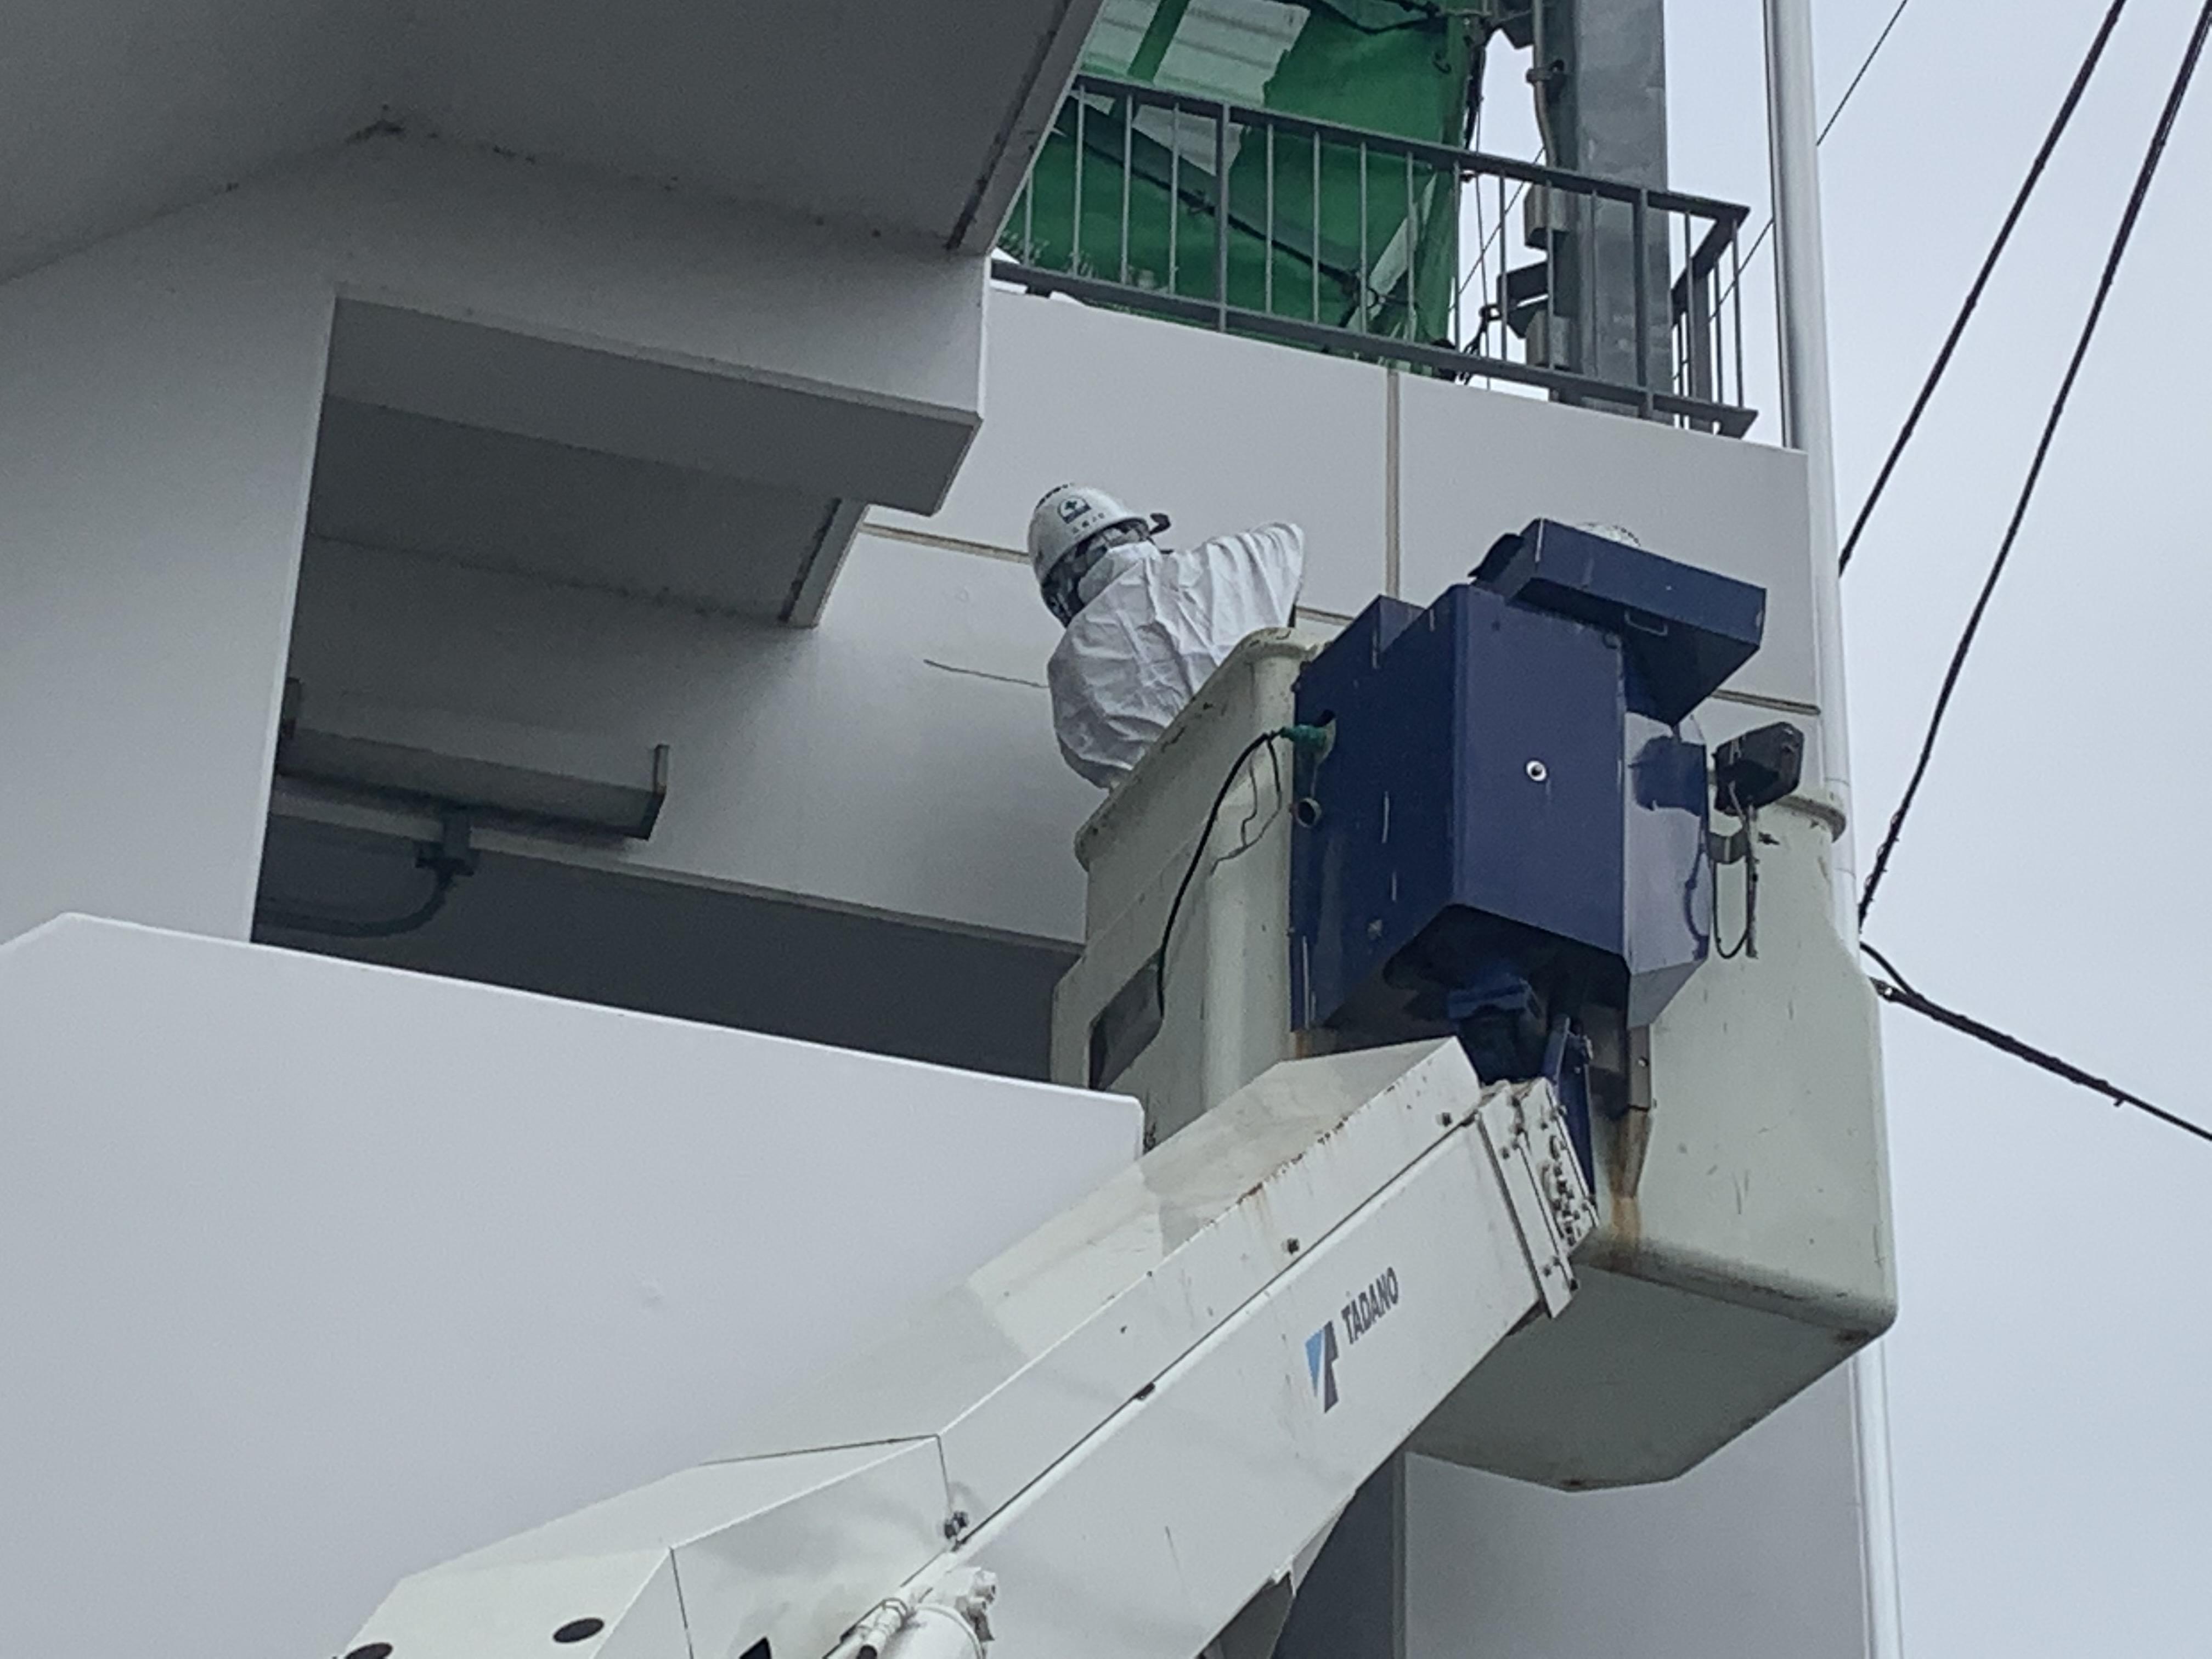 【八戸】高所作業車 外壁塗装 屋根塗装 塗装業者 塗装屋 塗装会社